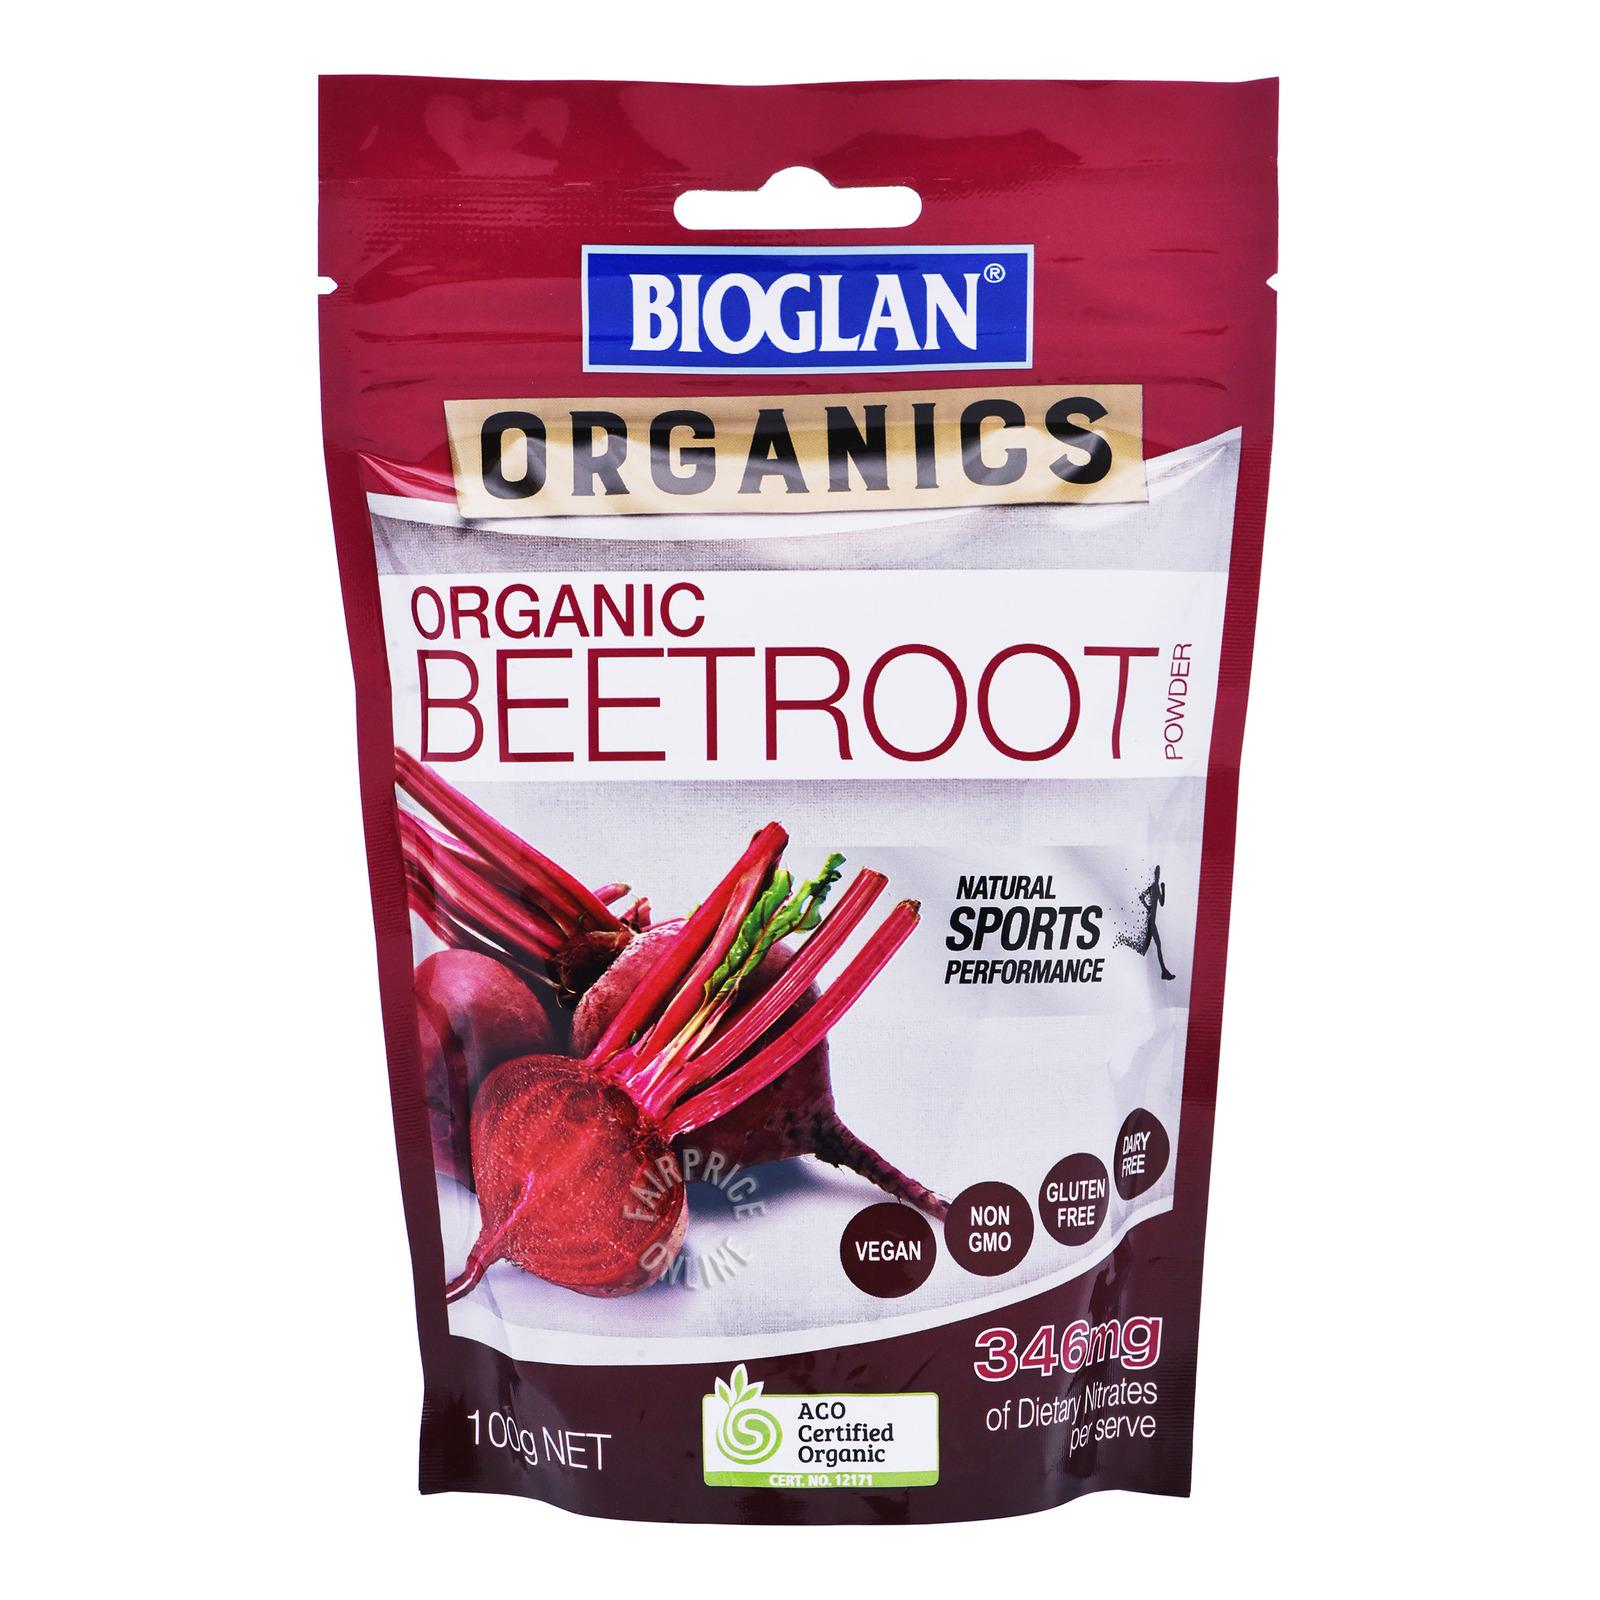 Bioglan Organics Powder - Beetroot